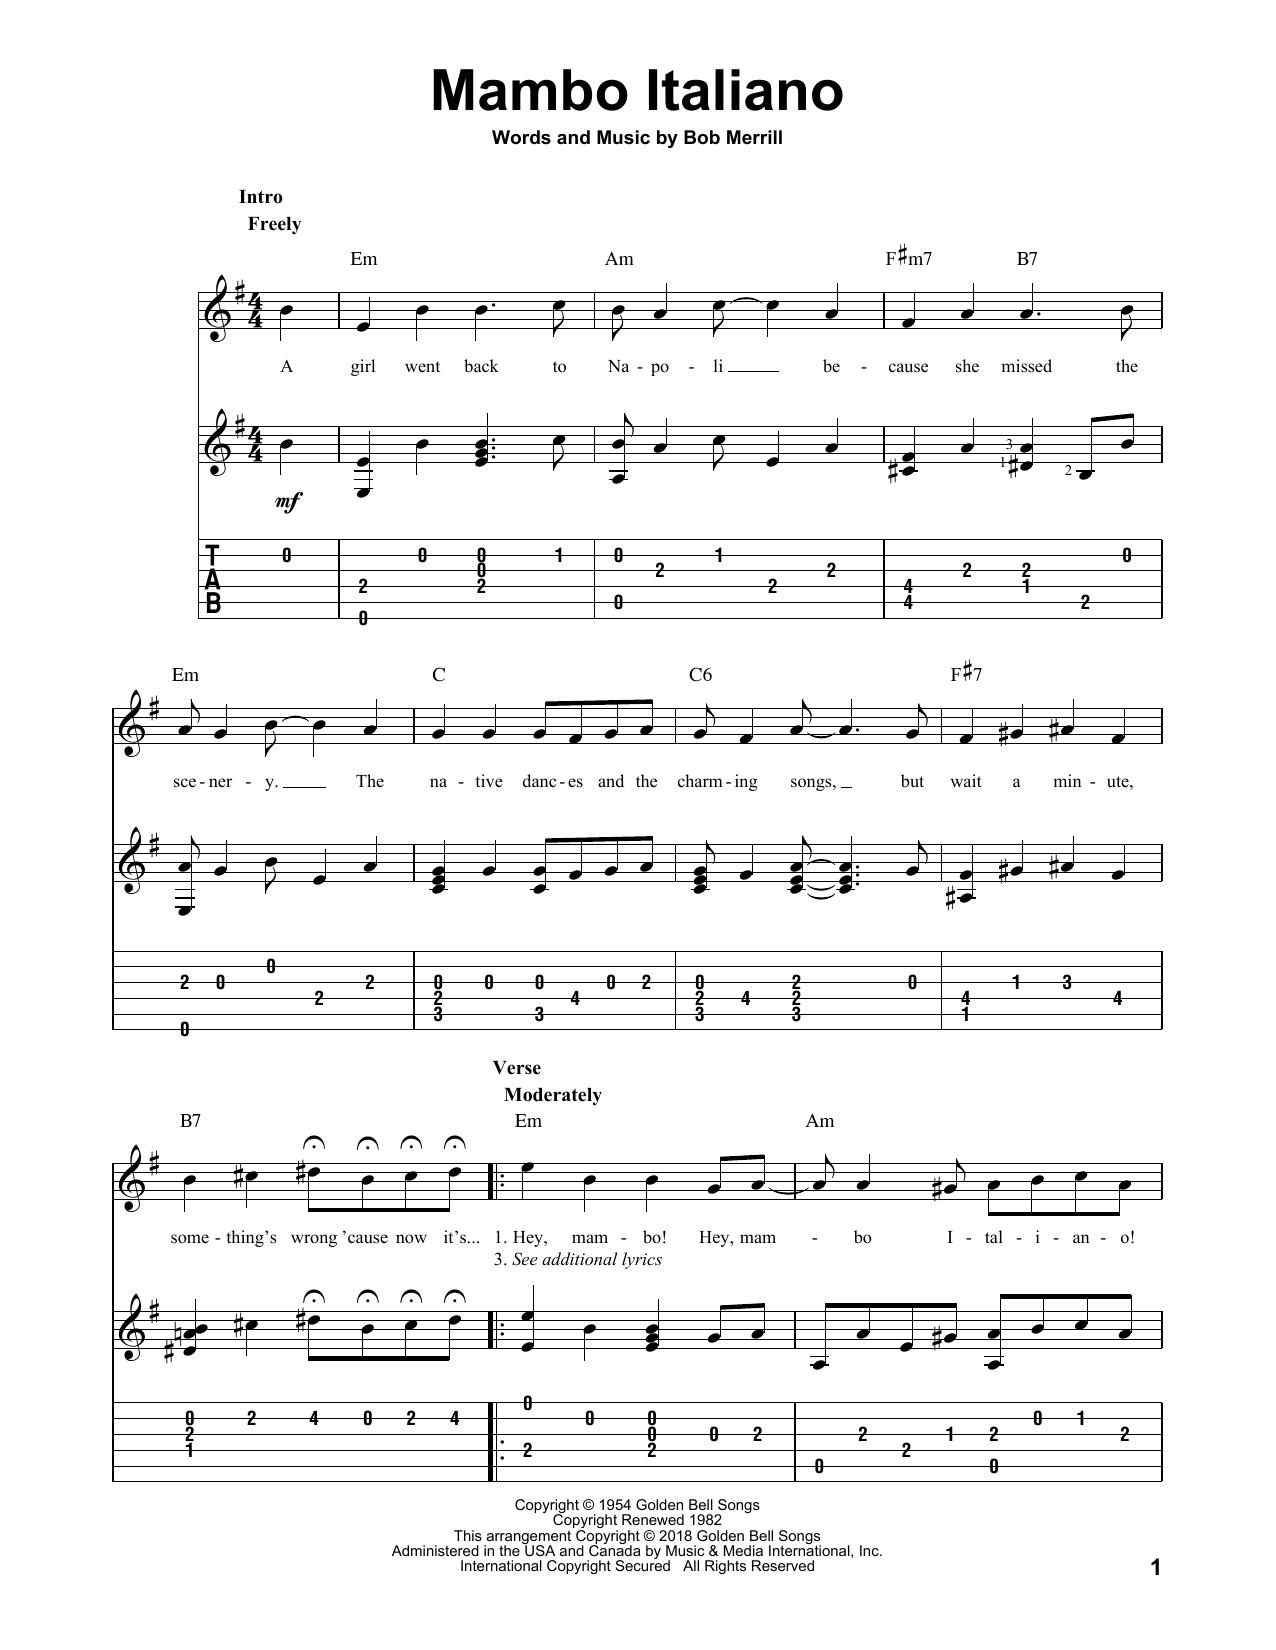 Mambo Italiano Sheet Music